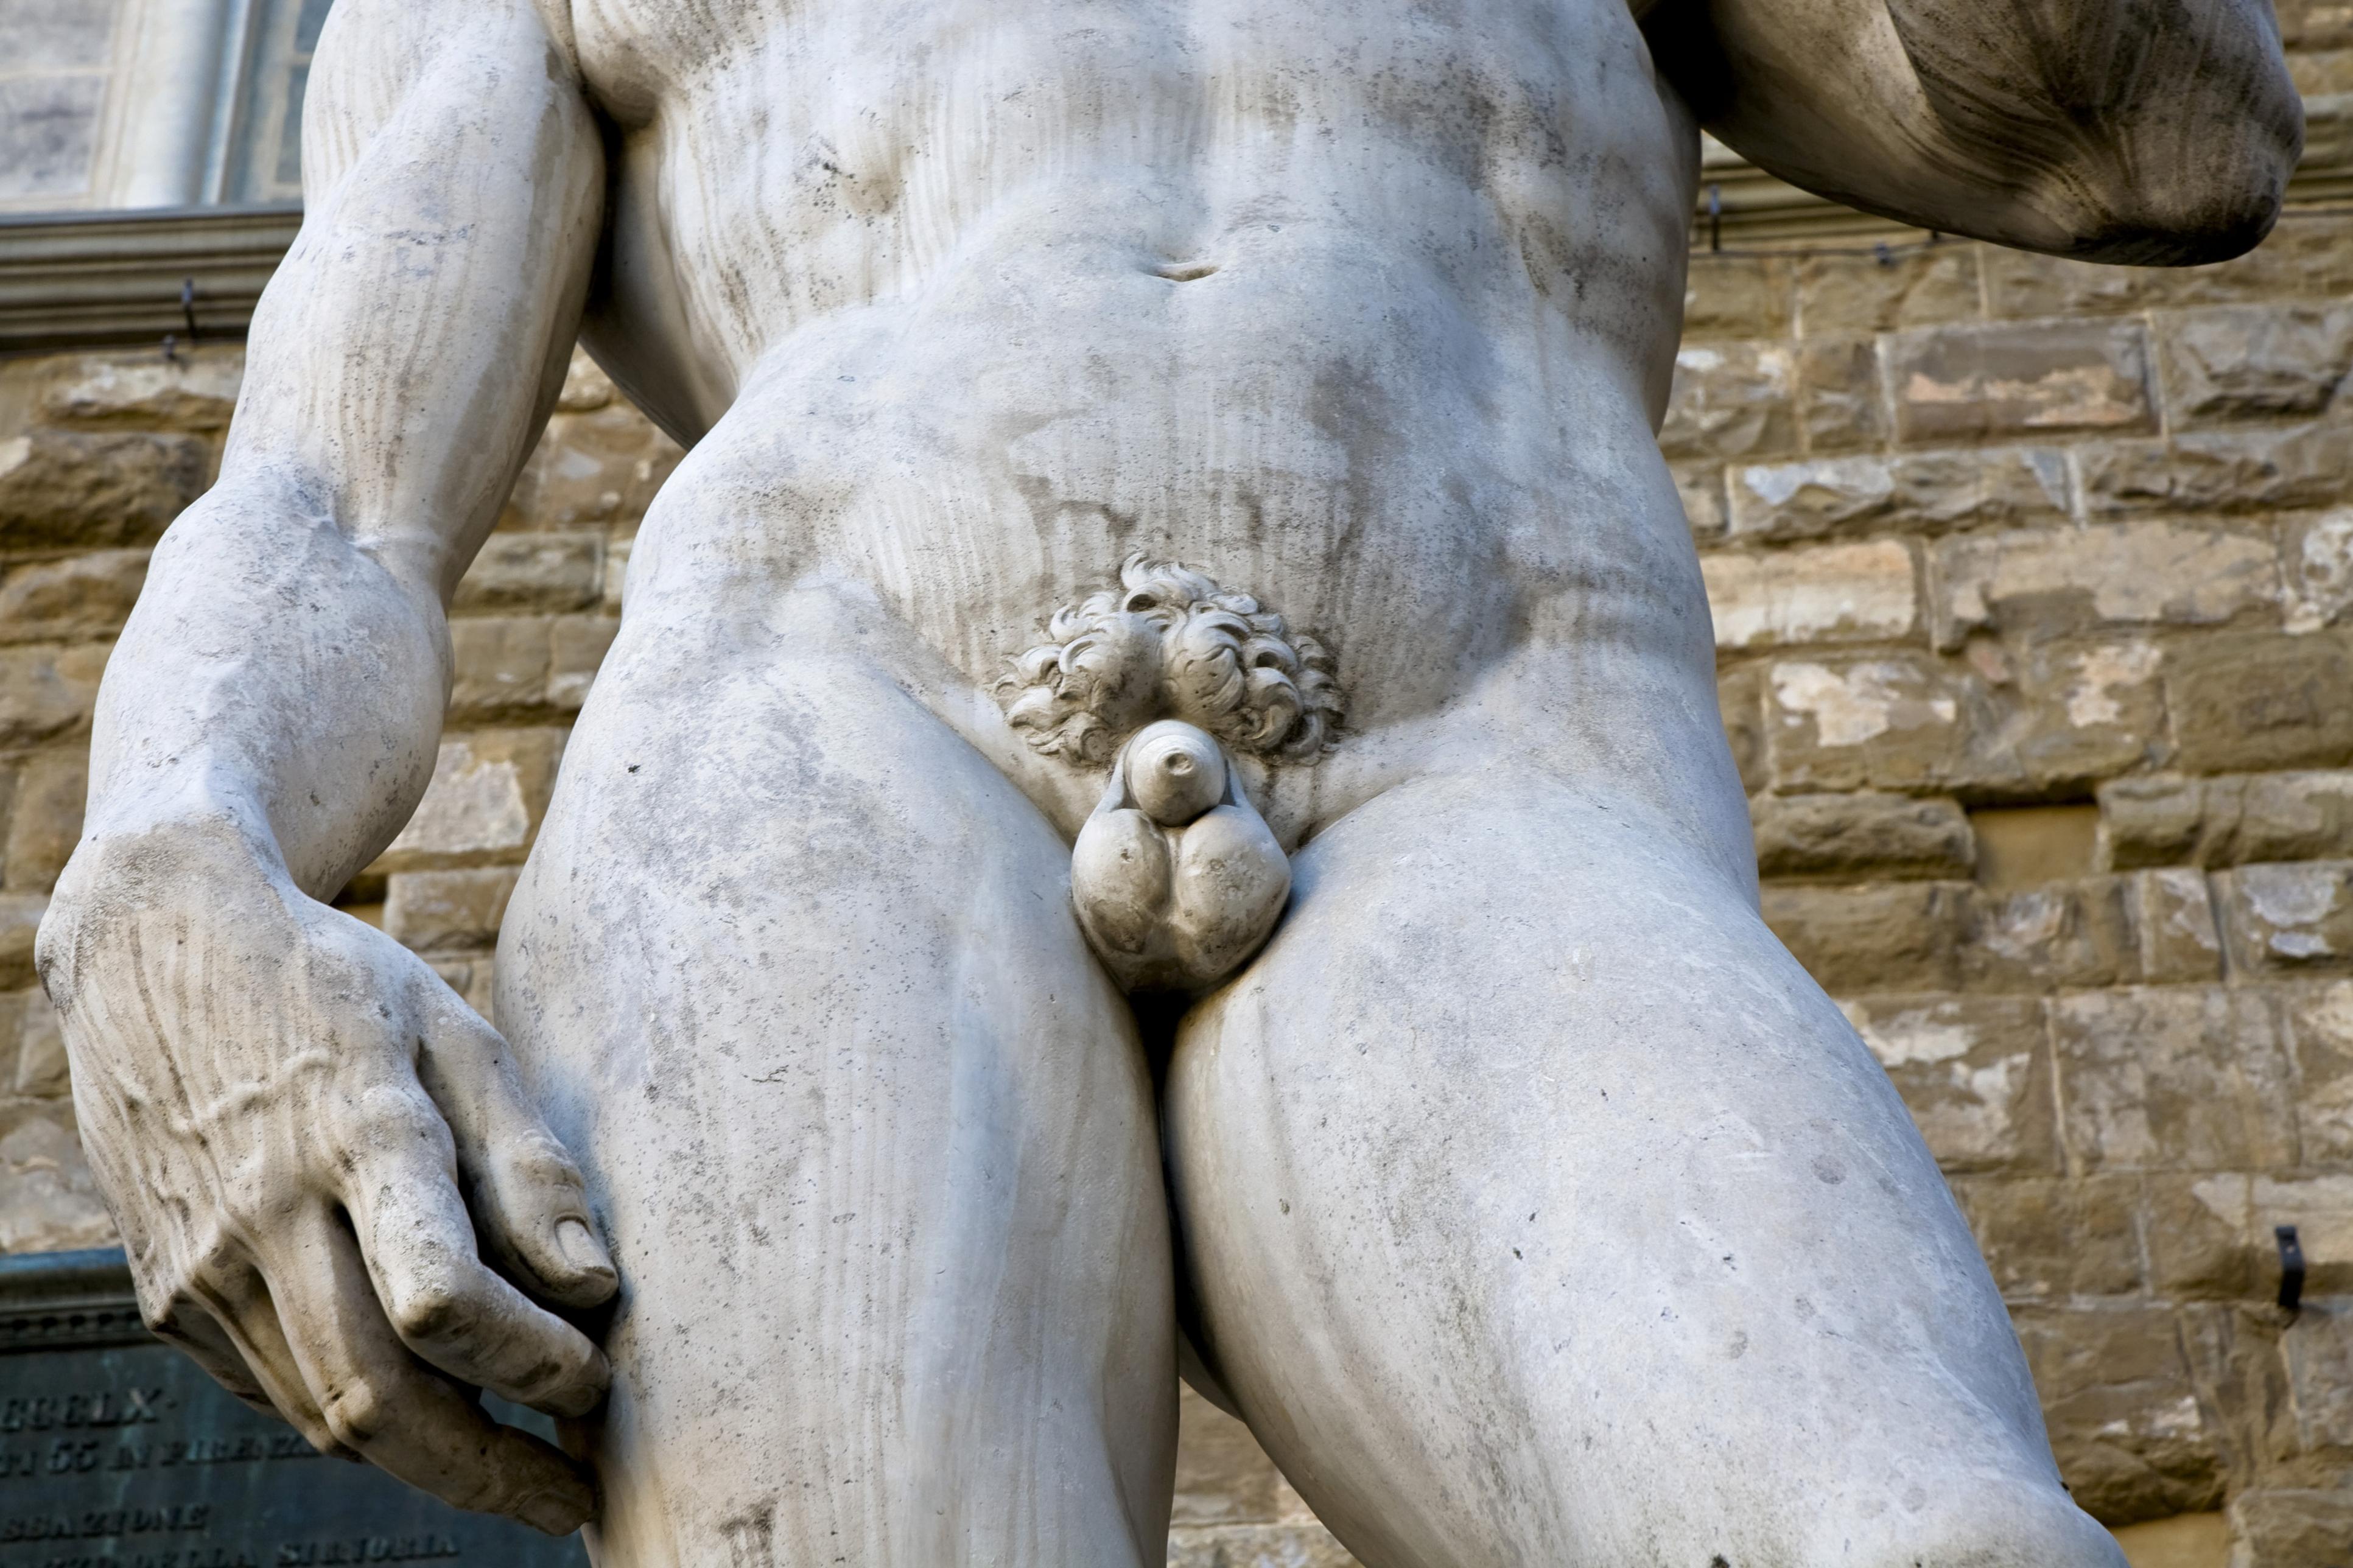 La razón por la que duelen tanto los testículos cuando los patean